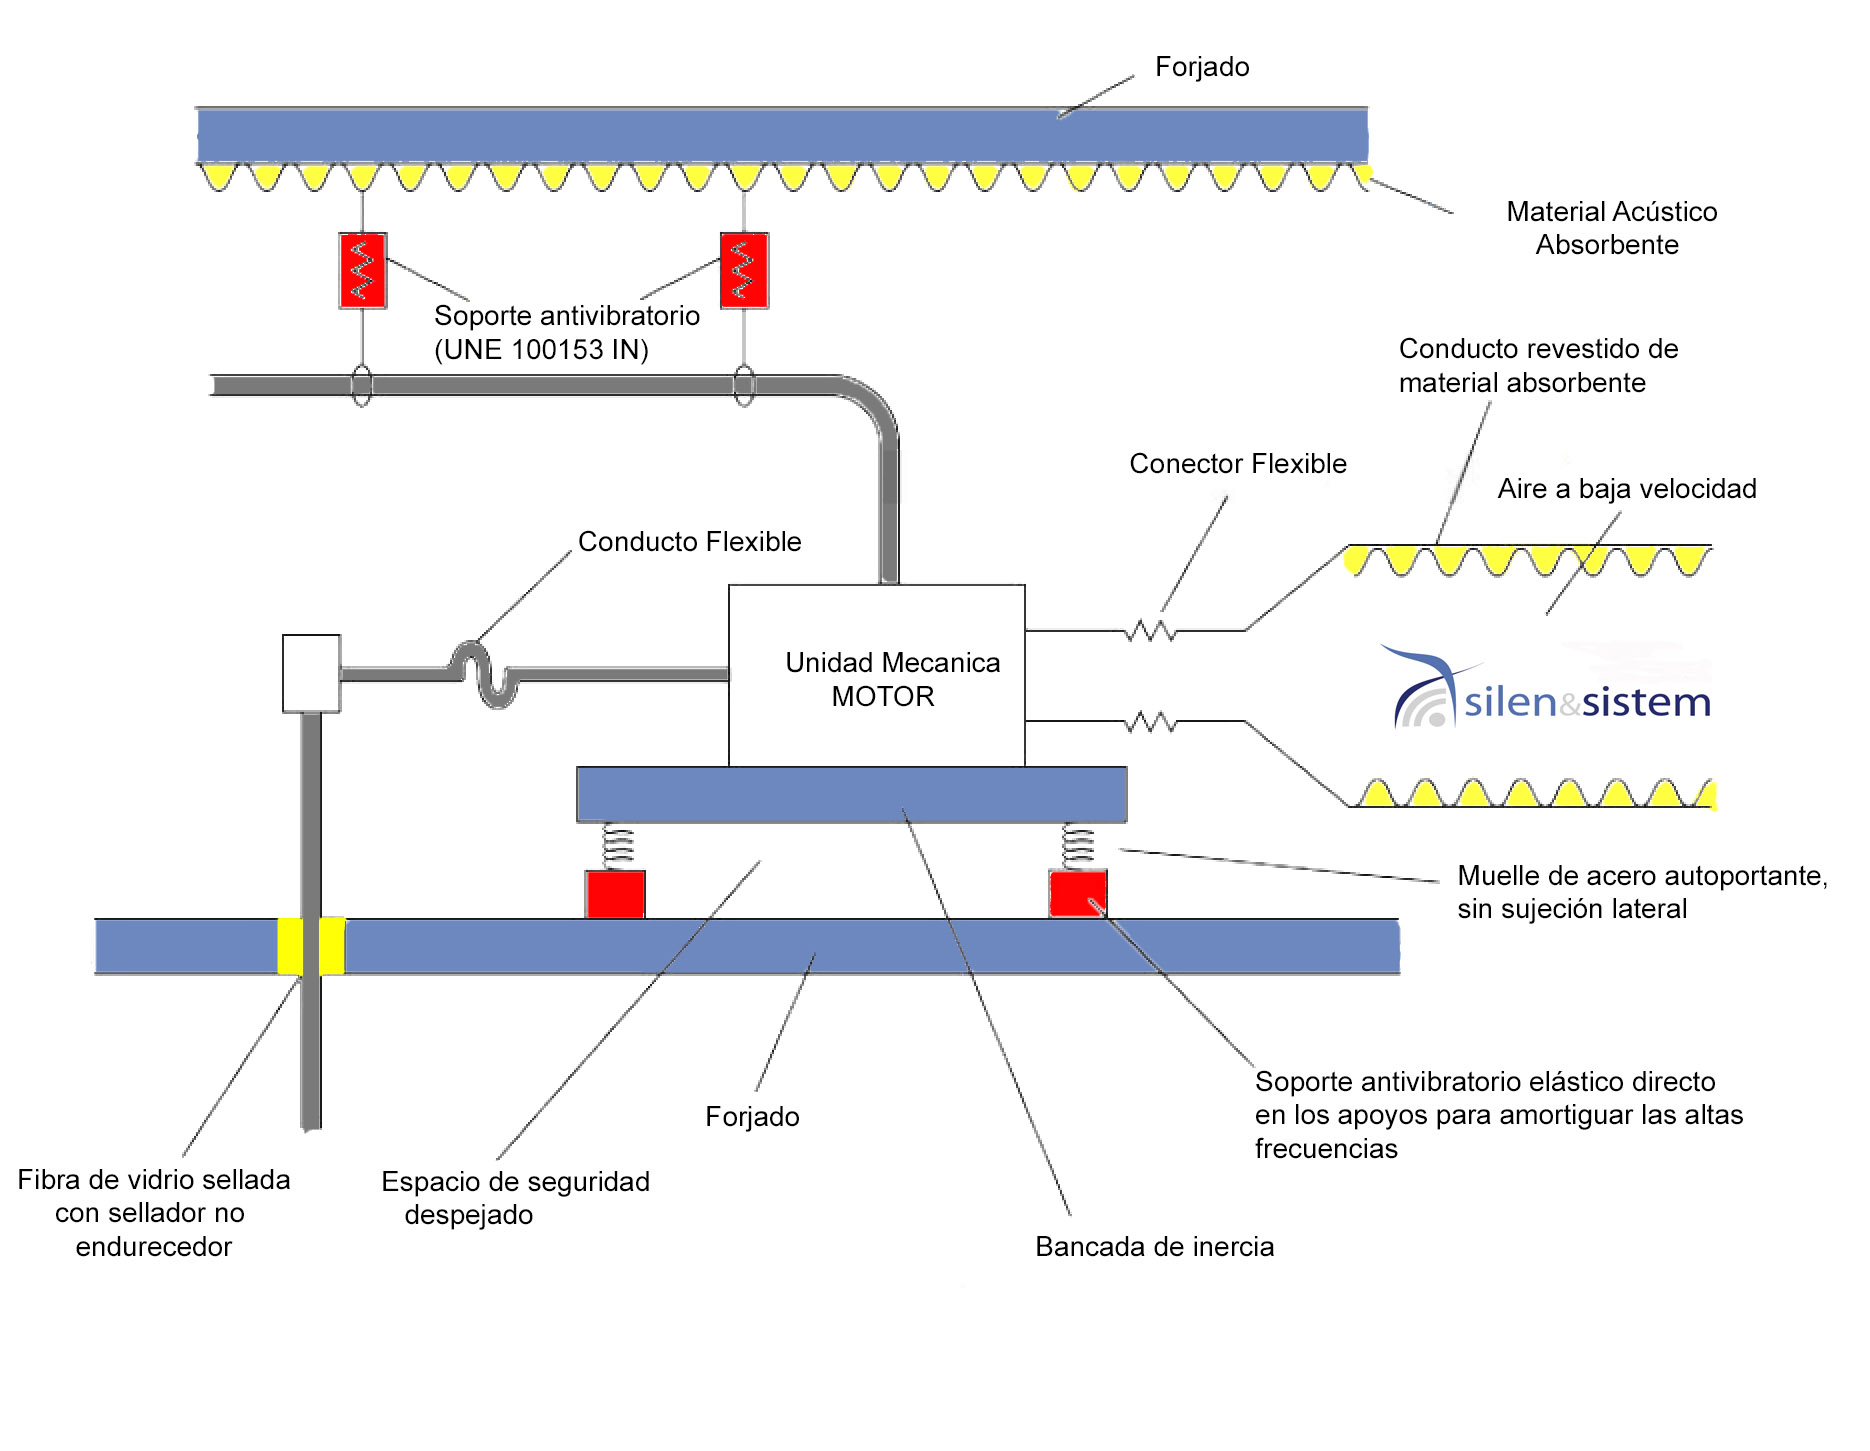 Croquis de un sistema antivibratorio en un motor con una bancada de inercia. Sistemas activibratorios en máquinas